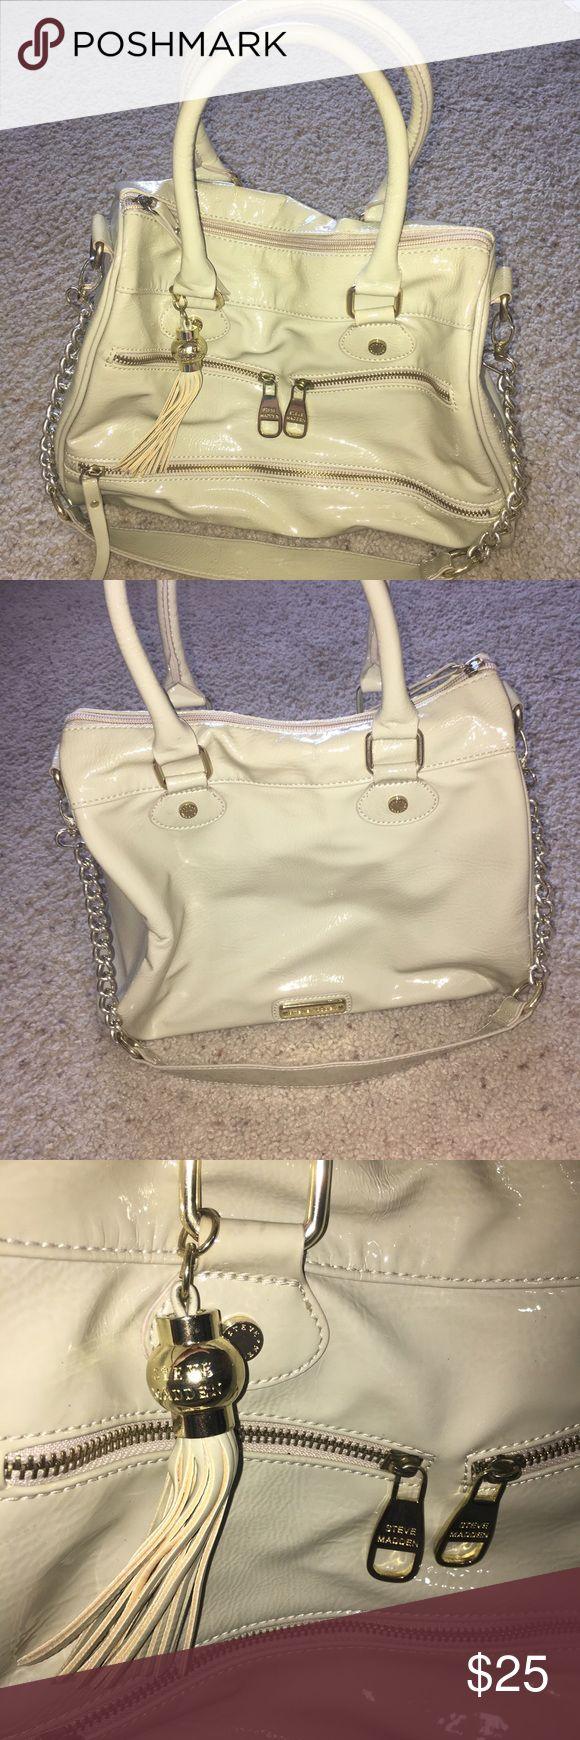 Steve Madden Handbag Steve Madden Handbag. Lightly used. Light stain on the inside floor. Steve Madden Bags Shoulder Bags